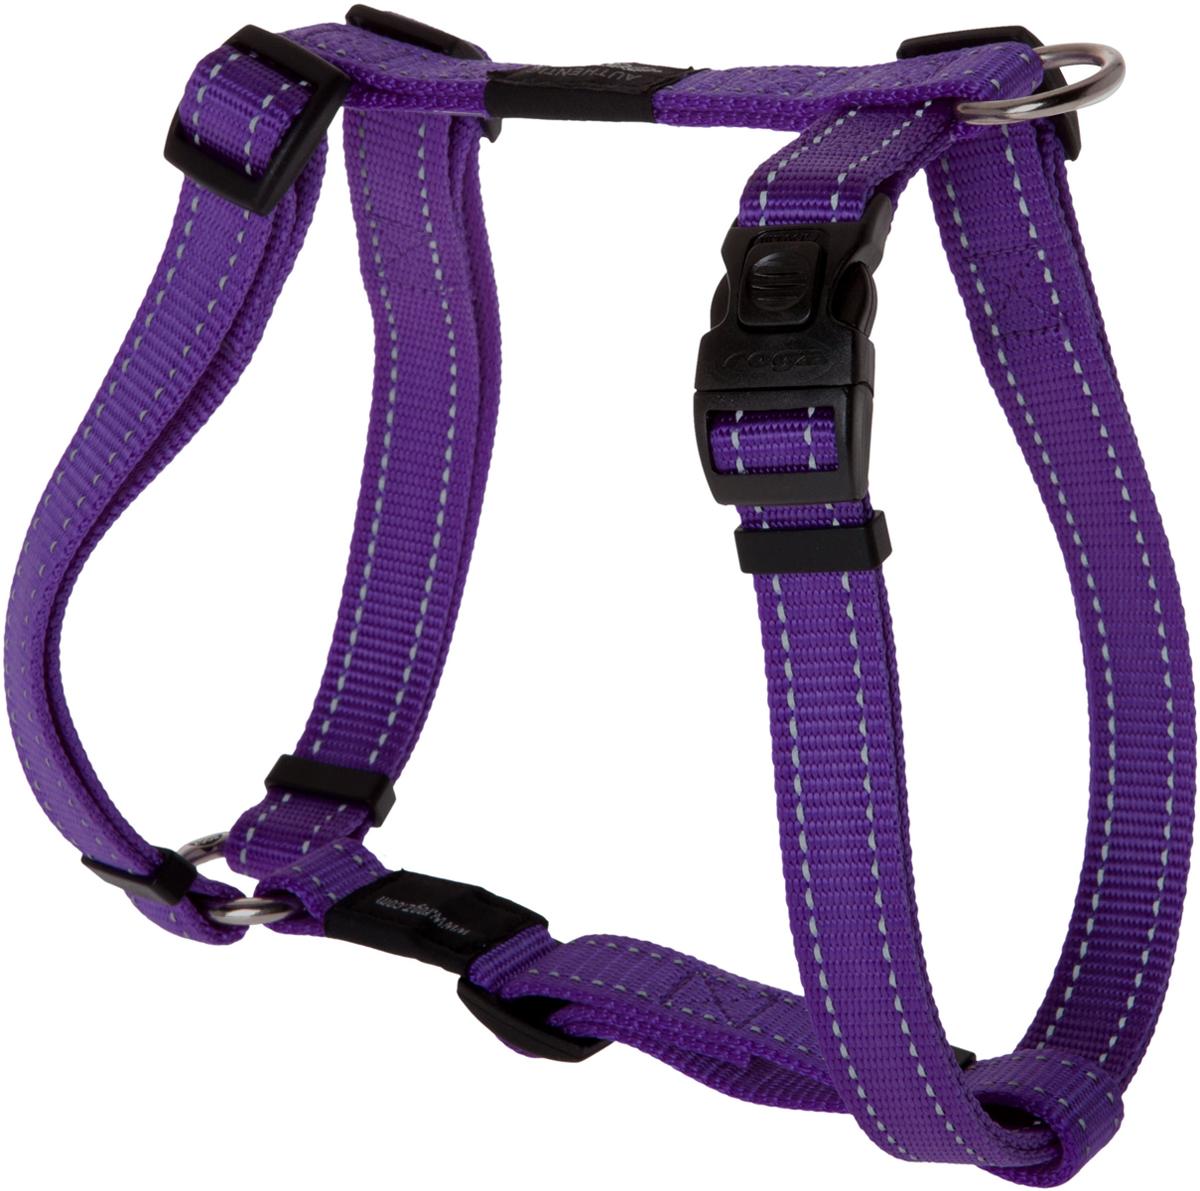 Шлейка для собак Rogz  Utility , цвет: фиолетовый, ширина 2,5 см. Размер XL